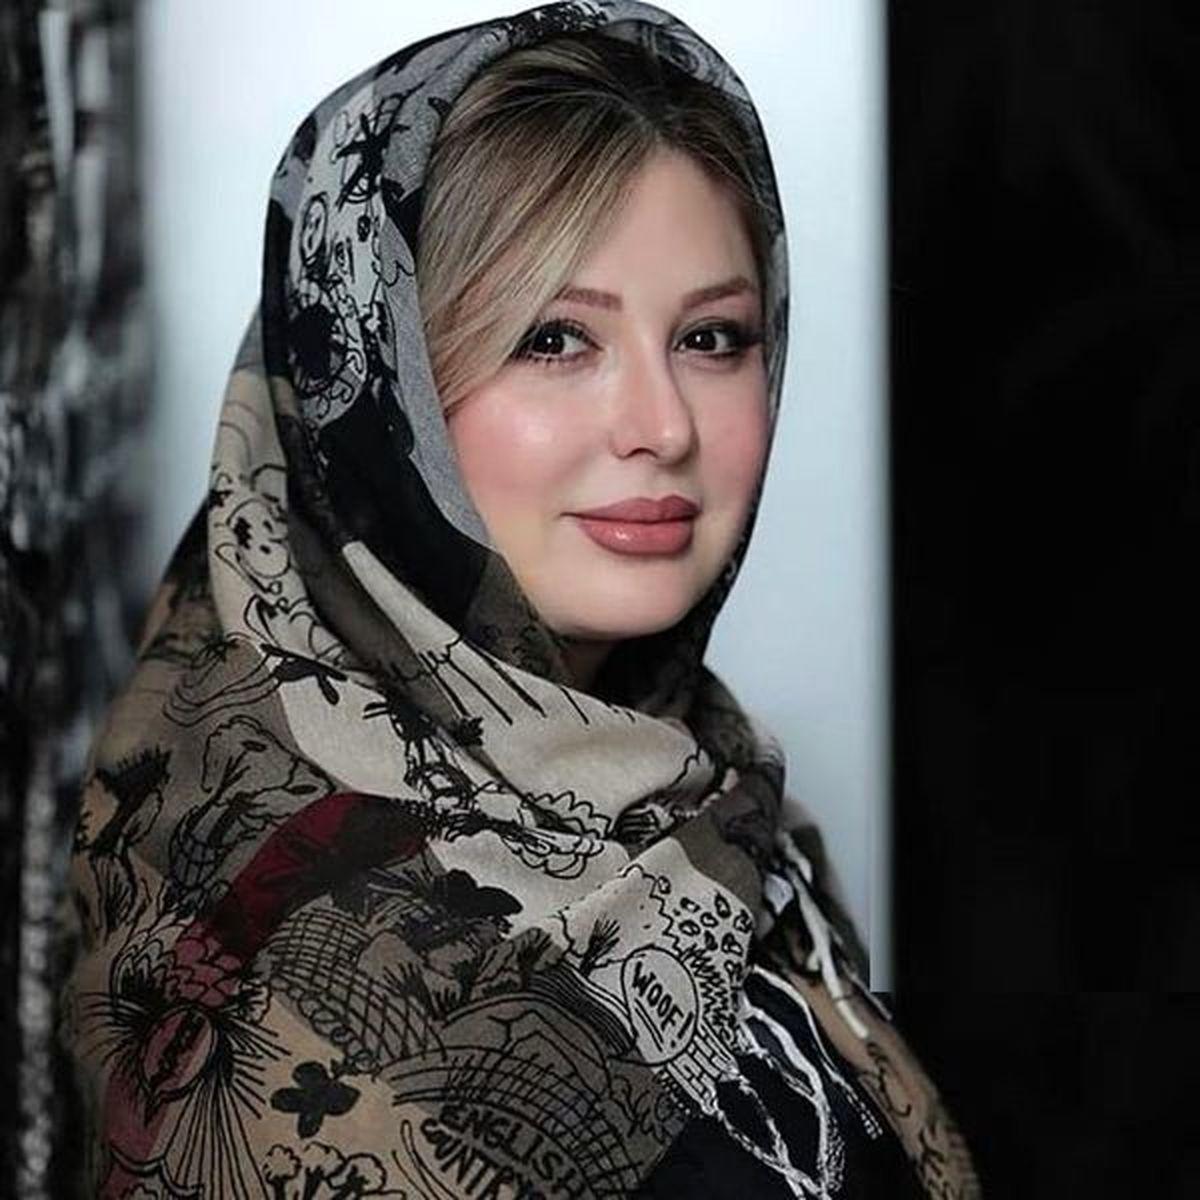 نیوشا ضیغمی بازیگر معروف خواننده شد + فیلم جذاب